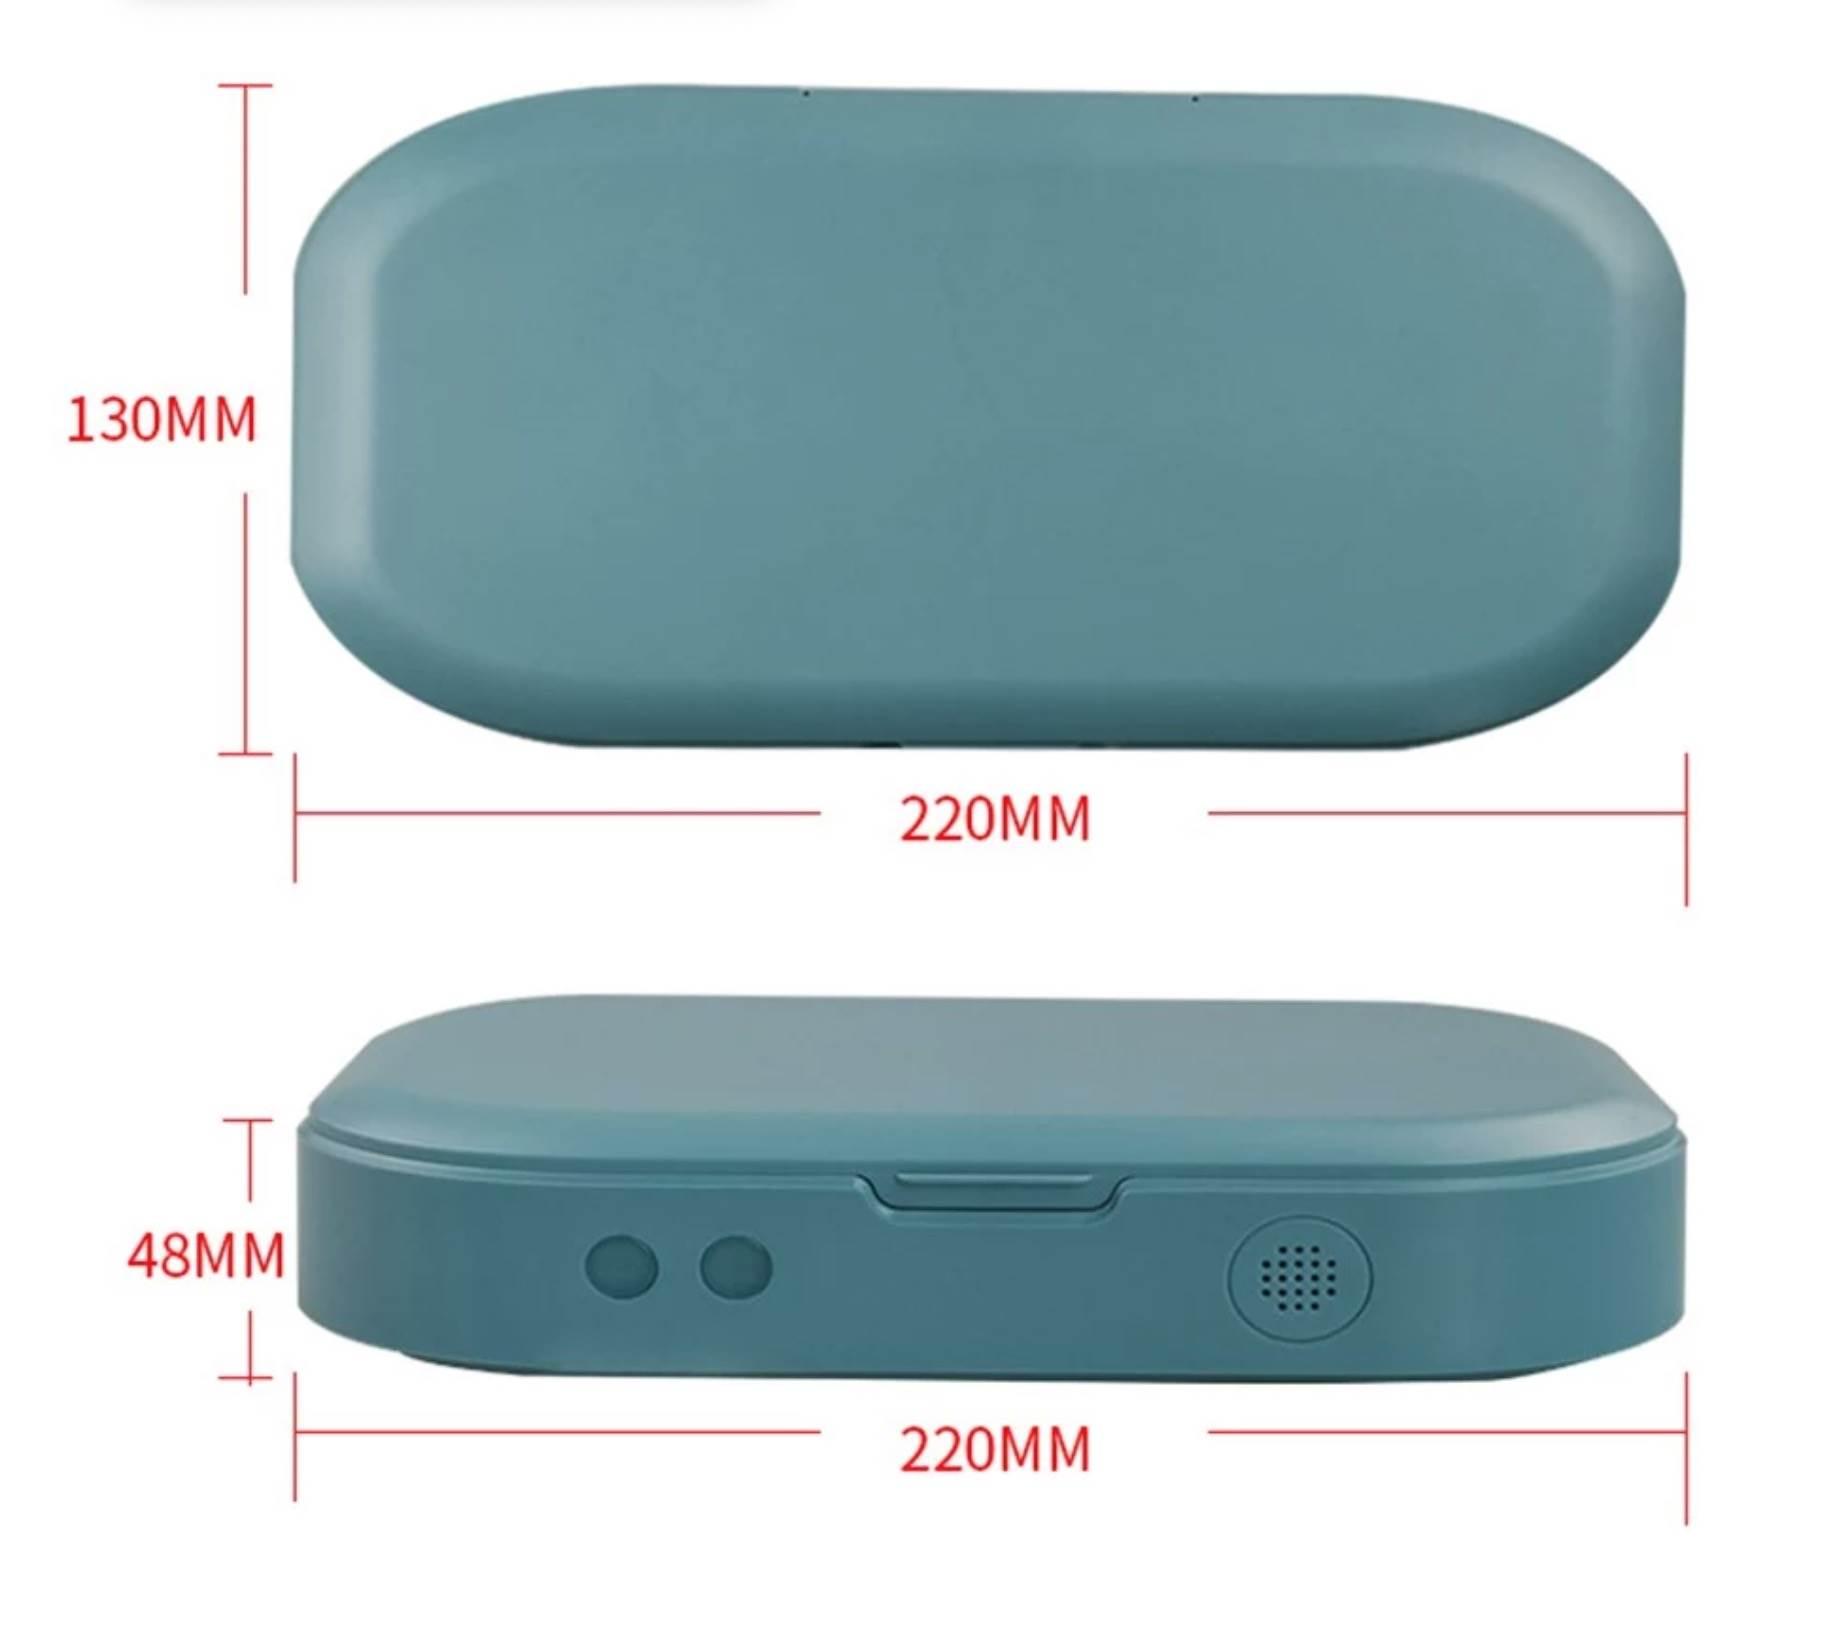 Mały, podręczny sterylizator dla iPhone lub maseczki ochronnej ciekawostki sterylizator, sterylizacja telefonu, sterylizacja maseczki ochronnej, Promocja, podręczny sterylizator, mały sterylizator, jak zdezynfekować telefon  W obecnym czasie ważna jest dezynfekcja nie tylko rąk, ale także bardzo ważna jest sterylizacja naszych telefonów, czy maseczek. Dlatego dziś mam dla Was ciekawy gadżet. CleanShot 2020 05 05 at 09.30.17@2x